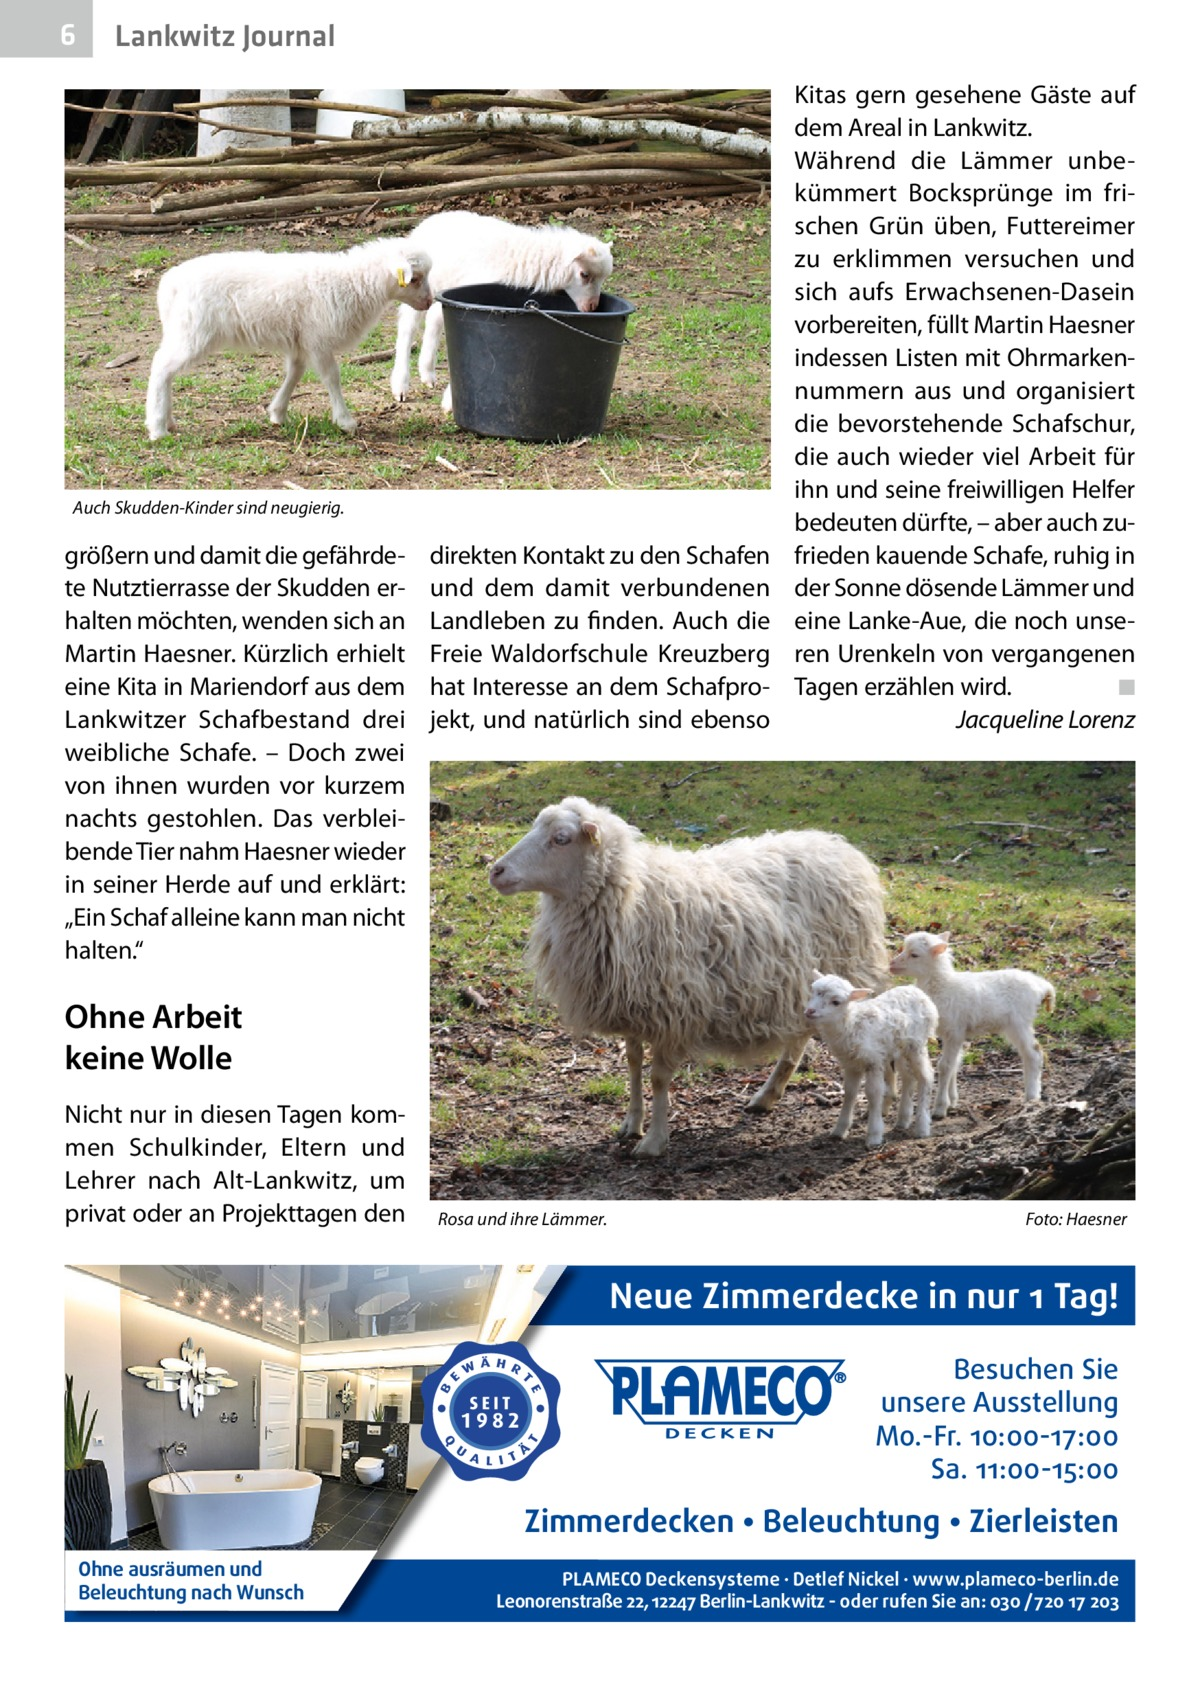 """6  Lankwitz Journal  Auch Skudden-Kinder sind neugierig.  größern und damit die gefährdete Nutztierrasse der Skudden erhalten möchten, wenden sich an Martin Haesner. Kürzlich erhielt eine Kita in Mariendorf aus dem Lankwitzer Schafbestand drei weibliche Schafe. – Doch zwei von ihnen wurden vor kurzem nachts gestohlen. Das verbleibende Tier nahm Haesner wieder in seiner Herde auf und erklärt: """"Ein Schaf alleine kann man nicht halten.""""  direkten Kontakt zu den Schafen und dem damit verbundenen Landleben zu finden. Auch die Freie Waldorfschule Kreuzberg hat Interesse an dem Schafprojekt, und natürlich sind ebenso  Kitas gern gesehene Gäste auf dem Areal in Lankwitz. Während die Lämmer unbekümmert Bocksprünge im frischen Grün üben, Futtereimer zu erklimmen versuchen und sich aufs Erwachsenen-Dasein vorbereiten, füllt Martin Haesner indessen Listen mit Ohrmarkennummern aus und organisiert die bevorstehende Schafschur, die auch wieder viel Arbeit für ihn und seine freiwilligen Helfer bedeuten dürfte, – aber auch zufrieden kauende Schafe, ruhig in der Sonne dösende Lämmer und eine Lanke-Aue, die noch unseren Urenkeln von vergangenen Tagen erzählen wird.� ◾ � Jacqueline Lorenz  Ohne Arbeit keine Wolle Nicht nur in diesen Tagen kommen Schulkinder, Eltern und Lehrer nach Alt-Lankwitz, um privat oder an Projekttagen den  Rosa und ihre Lämmer.�  Foto: Haesner  Neue Zimmerdecke in nur 1 Tag! Besuchen Sie unsere Ausstellung Mo.-Fr. 10:00-17:00 Sa. 11:00-15:00  Zimmerdecken • Beleuchtung • Zierleisten Ohne ausräumen und Beleuchtung nach Wunsch  PLAMECO Deckensysteme ∙ Detlef Nickel ∙ www.plameco-berlin.de Leonorenstraße 22, 12247 Berlin-Lankwitz - oder rufen Sie an: 030 /720 17 203"""